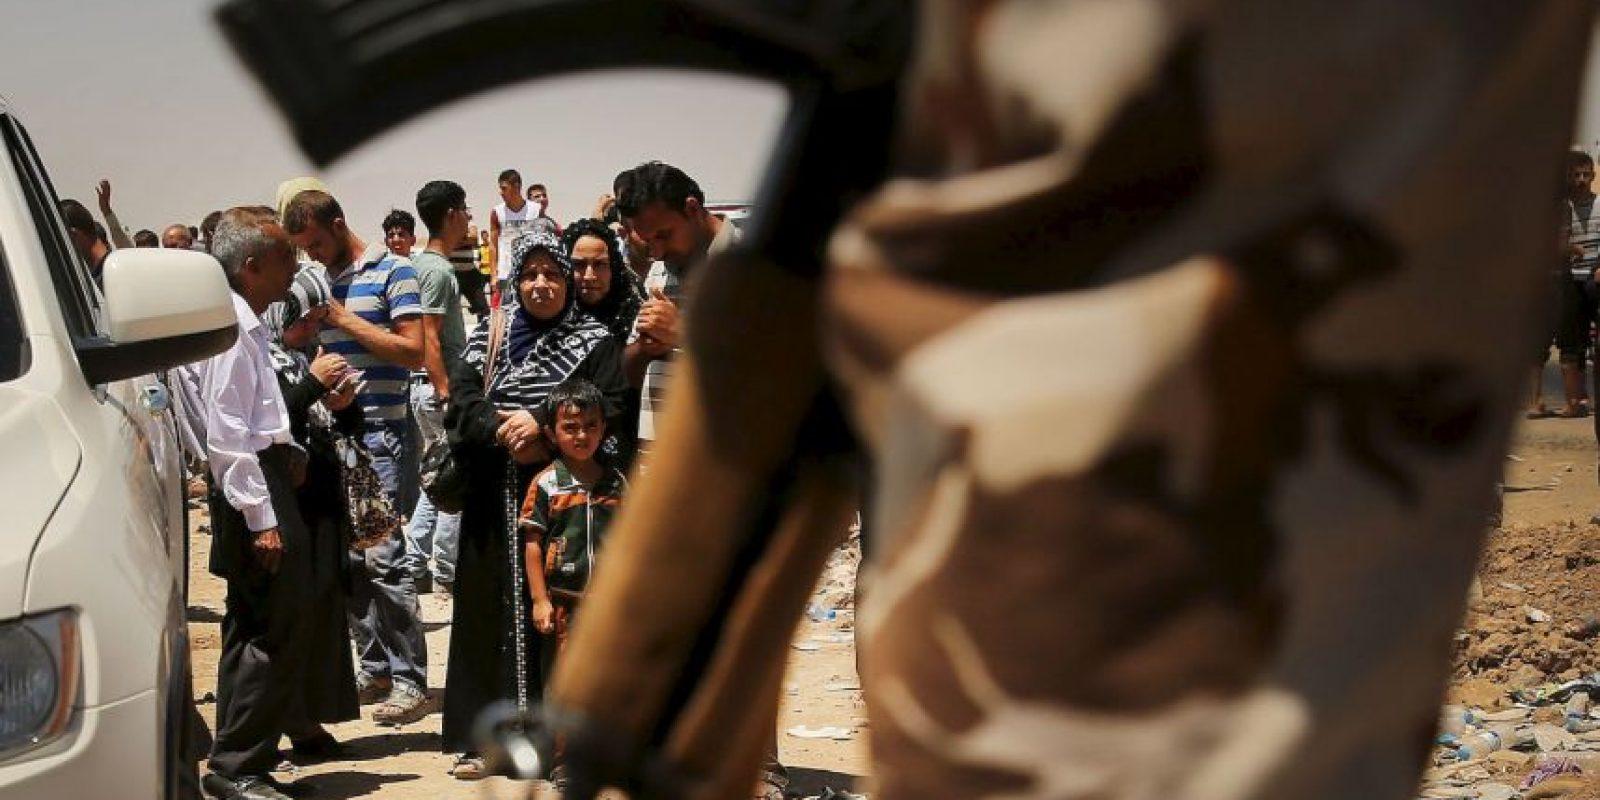 4. El 60% de esos albergados son de Siria, reseñó El País. Foto:Getty